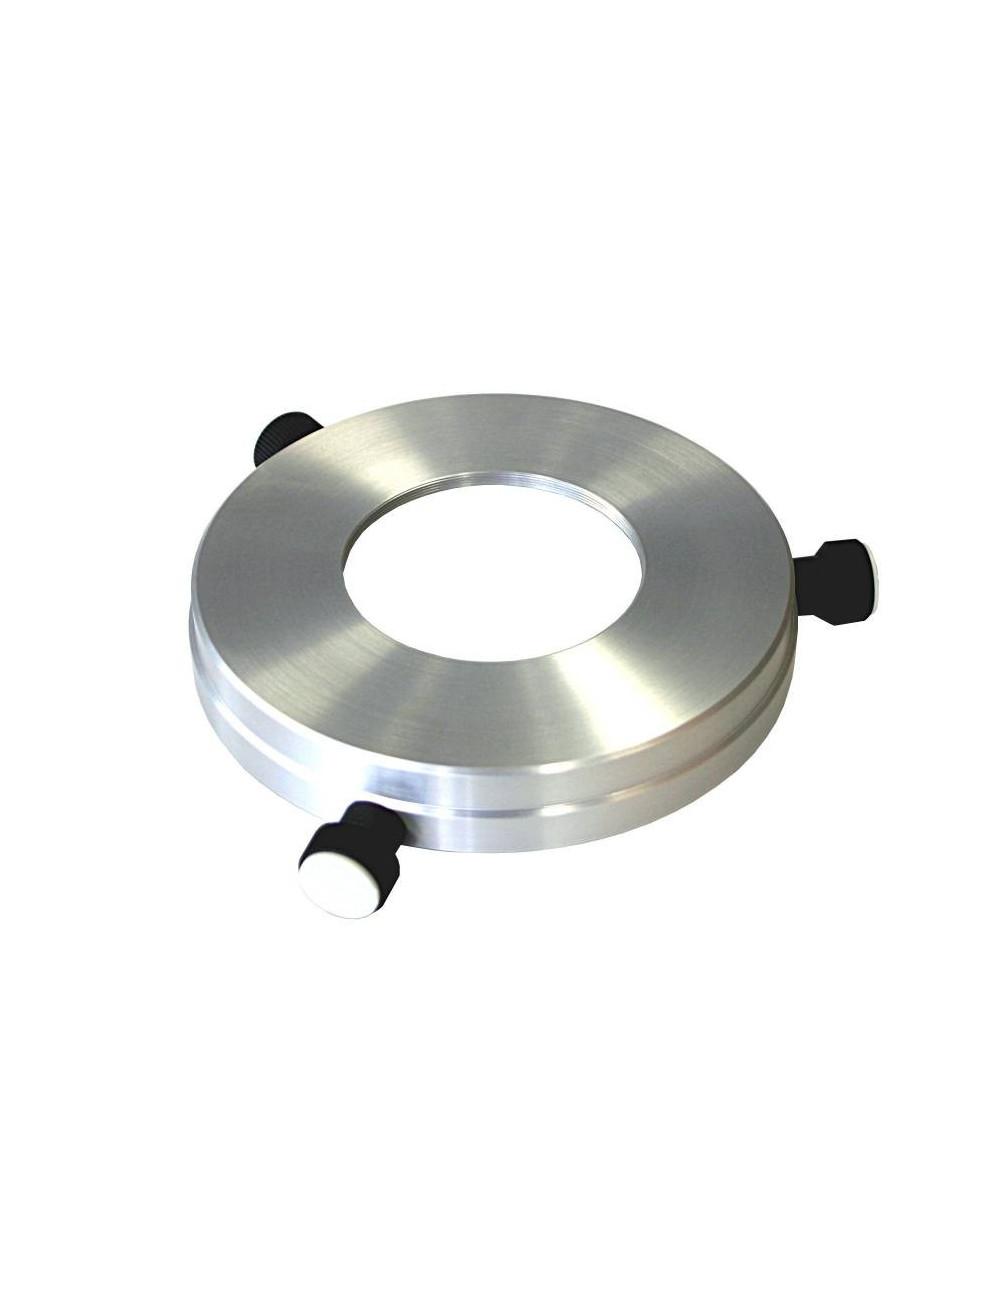 Adaptateur pour filtres solaires LUNT LS50/60FHa pour instrument avec un diamètre extérieur entre 226 et 250mm